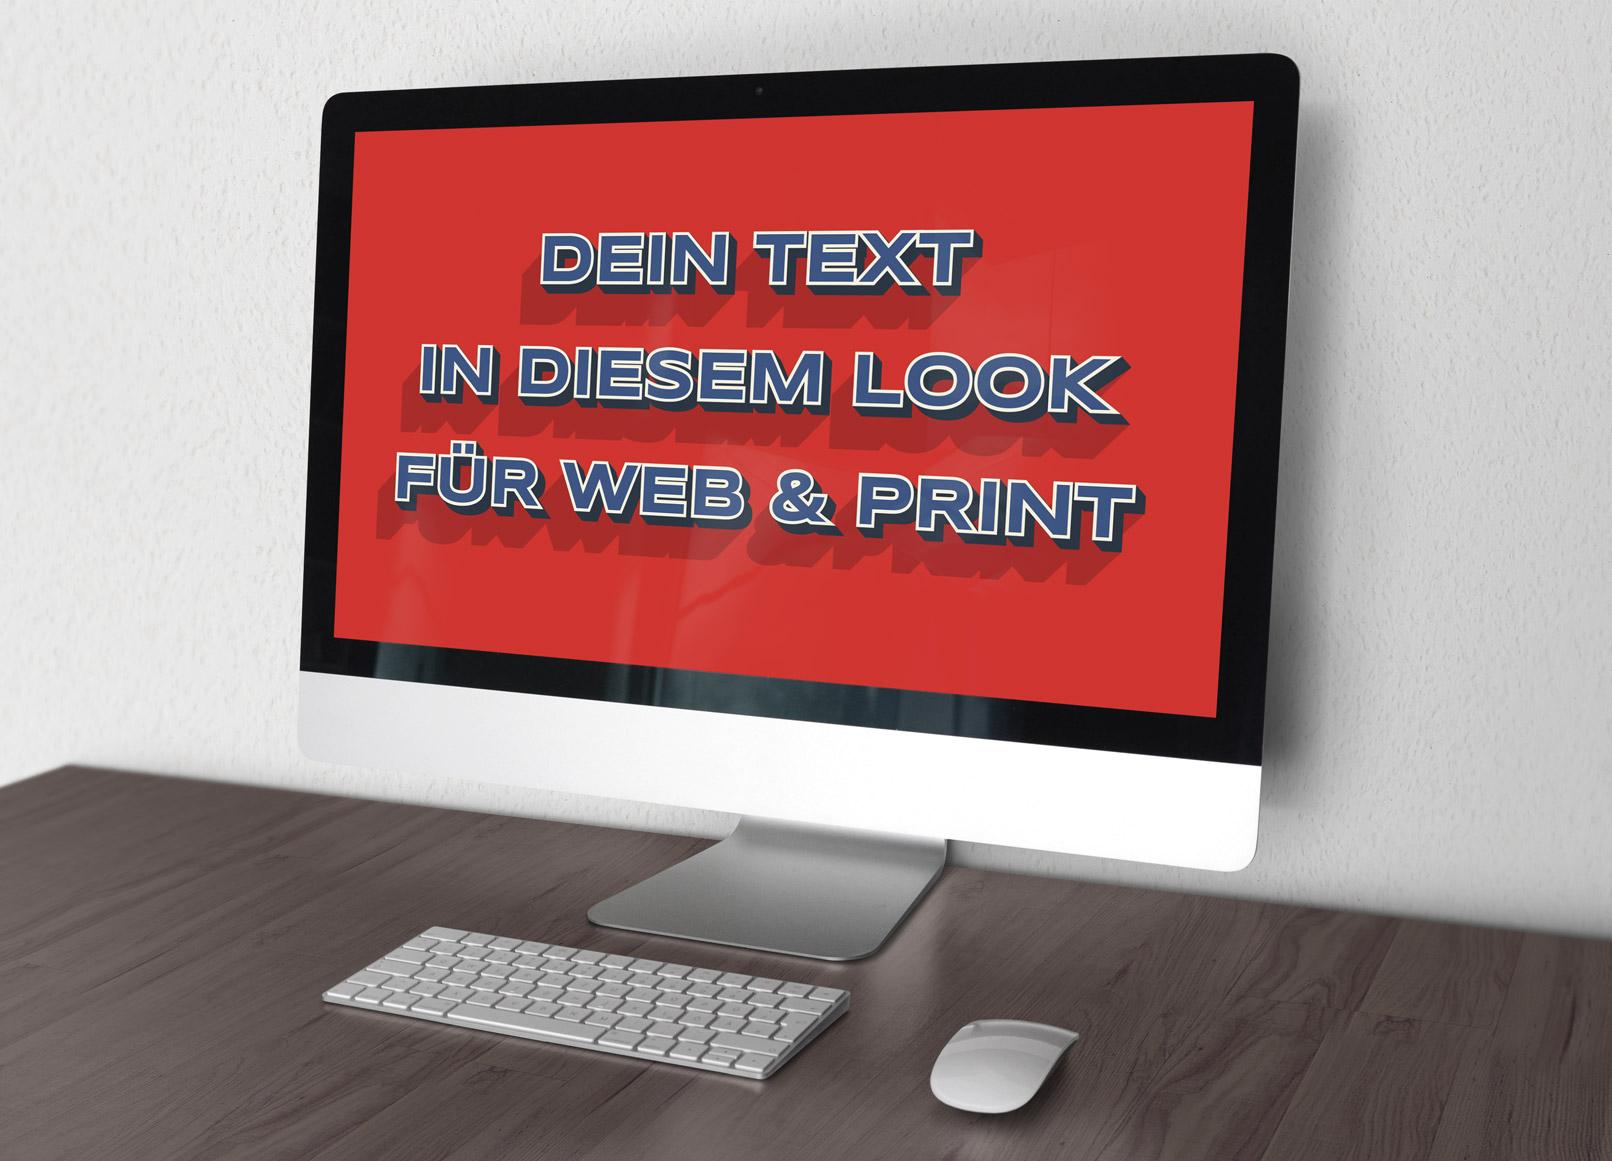 Monitor mit Text im Vintage-Stil, aufbereitet mit einem Grafikstil